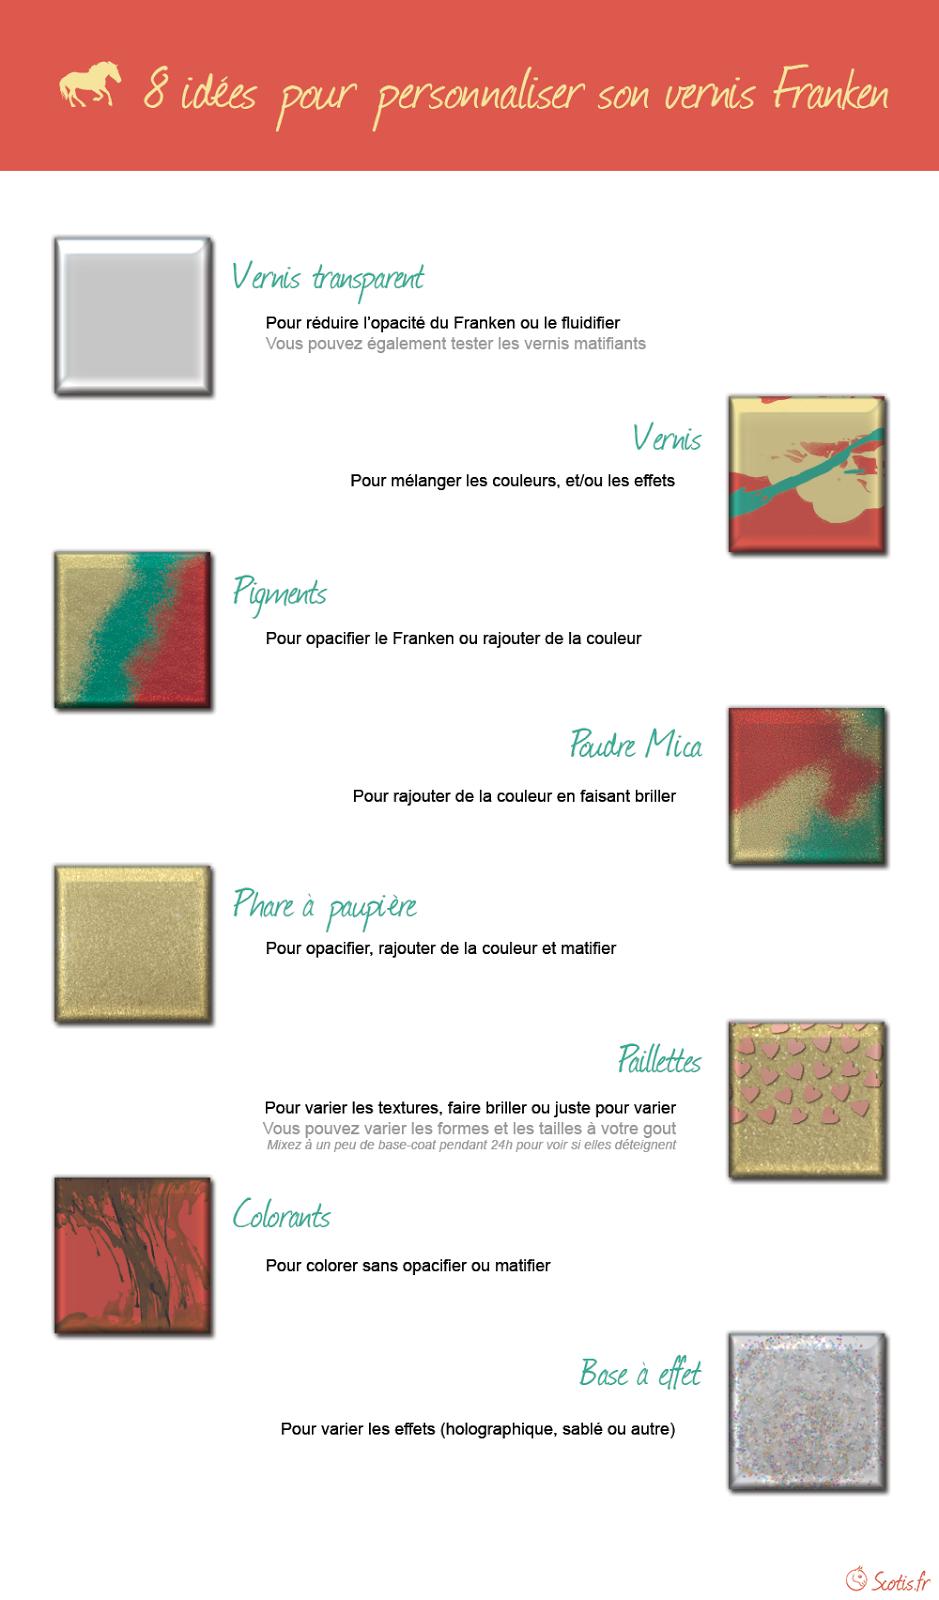 Infographie - 8 idées pour personnaliser son vernis Franken